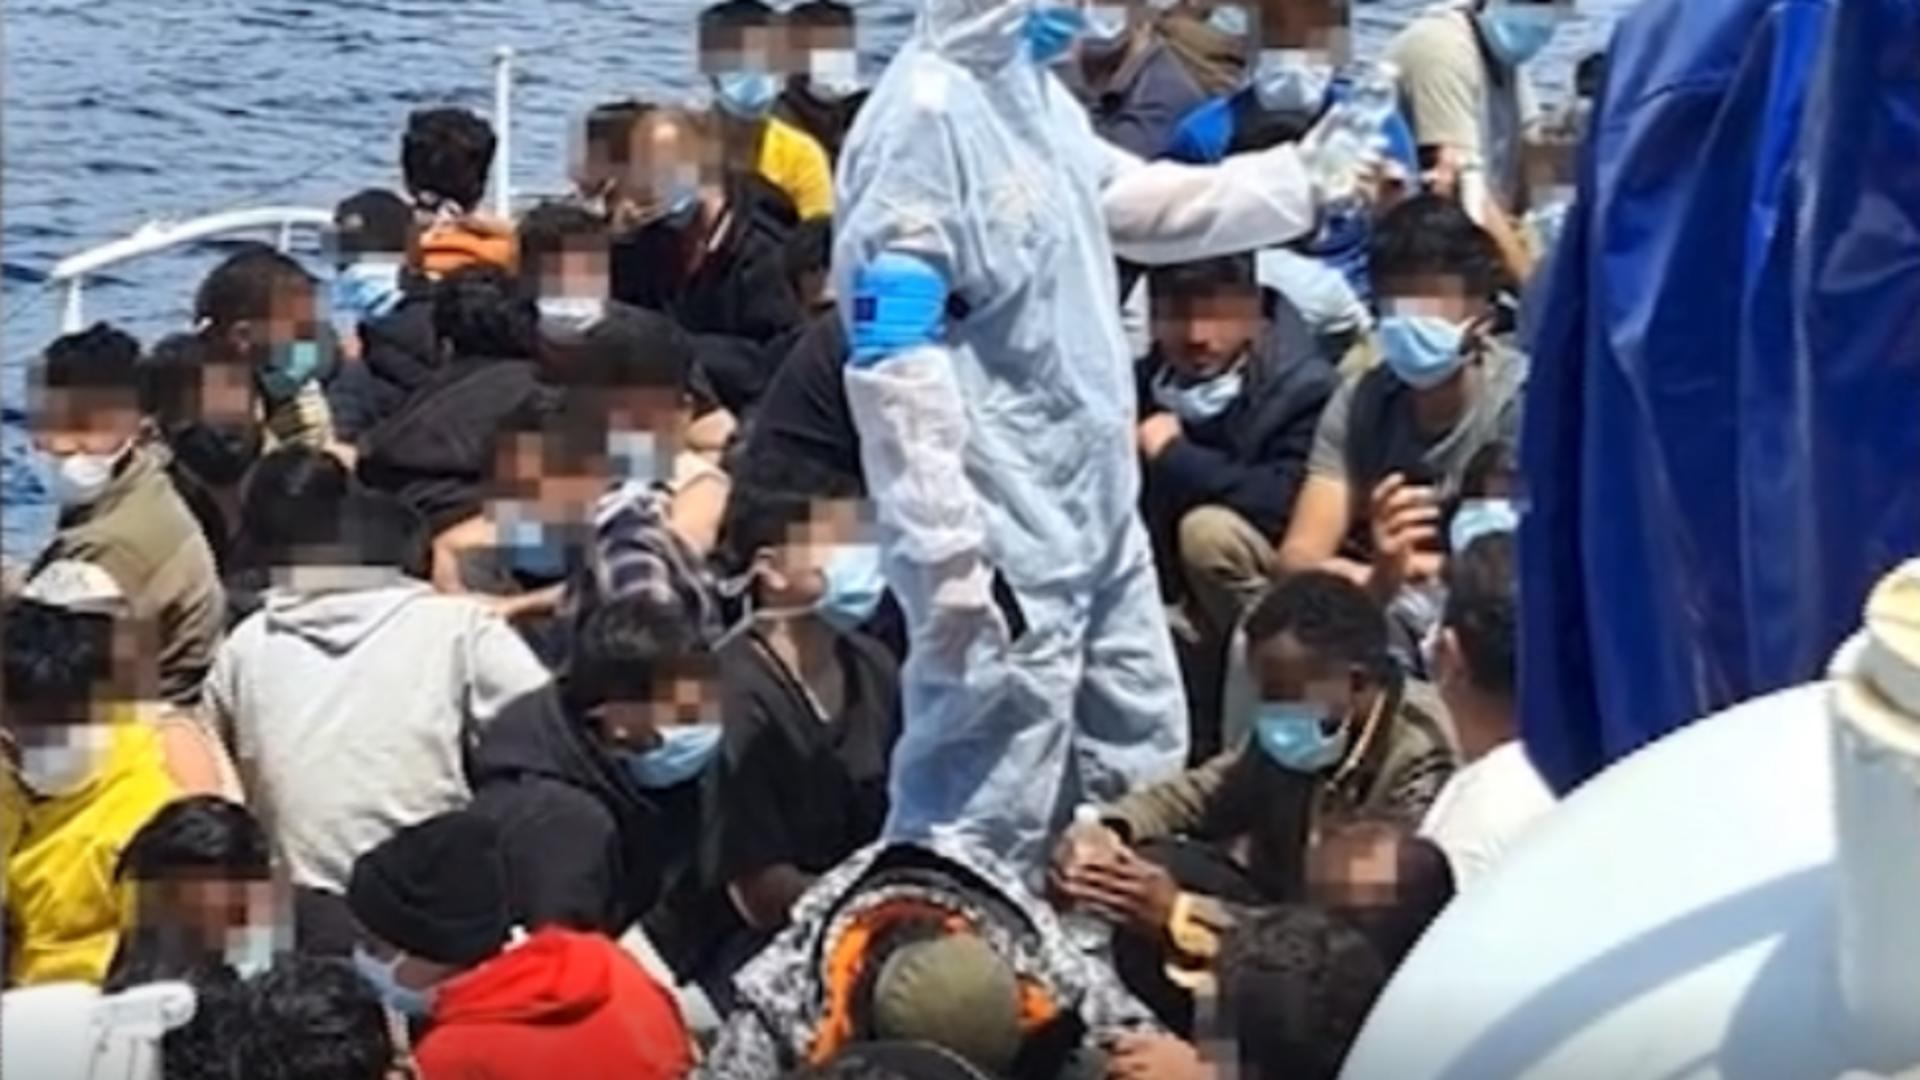 Sute de migranți de pe un vas ce risca să se scufunde, aduși la mal